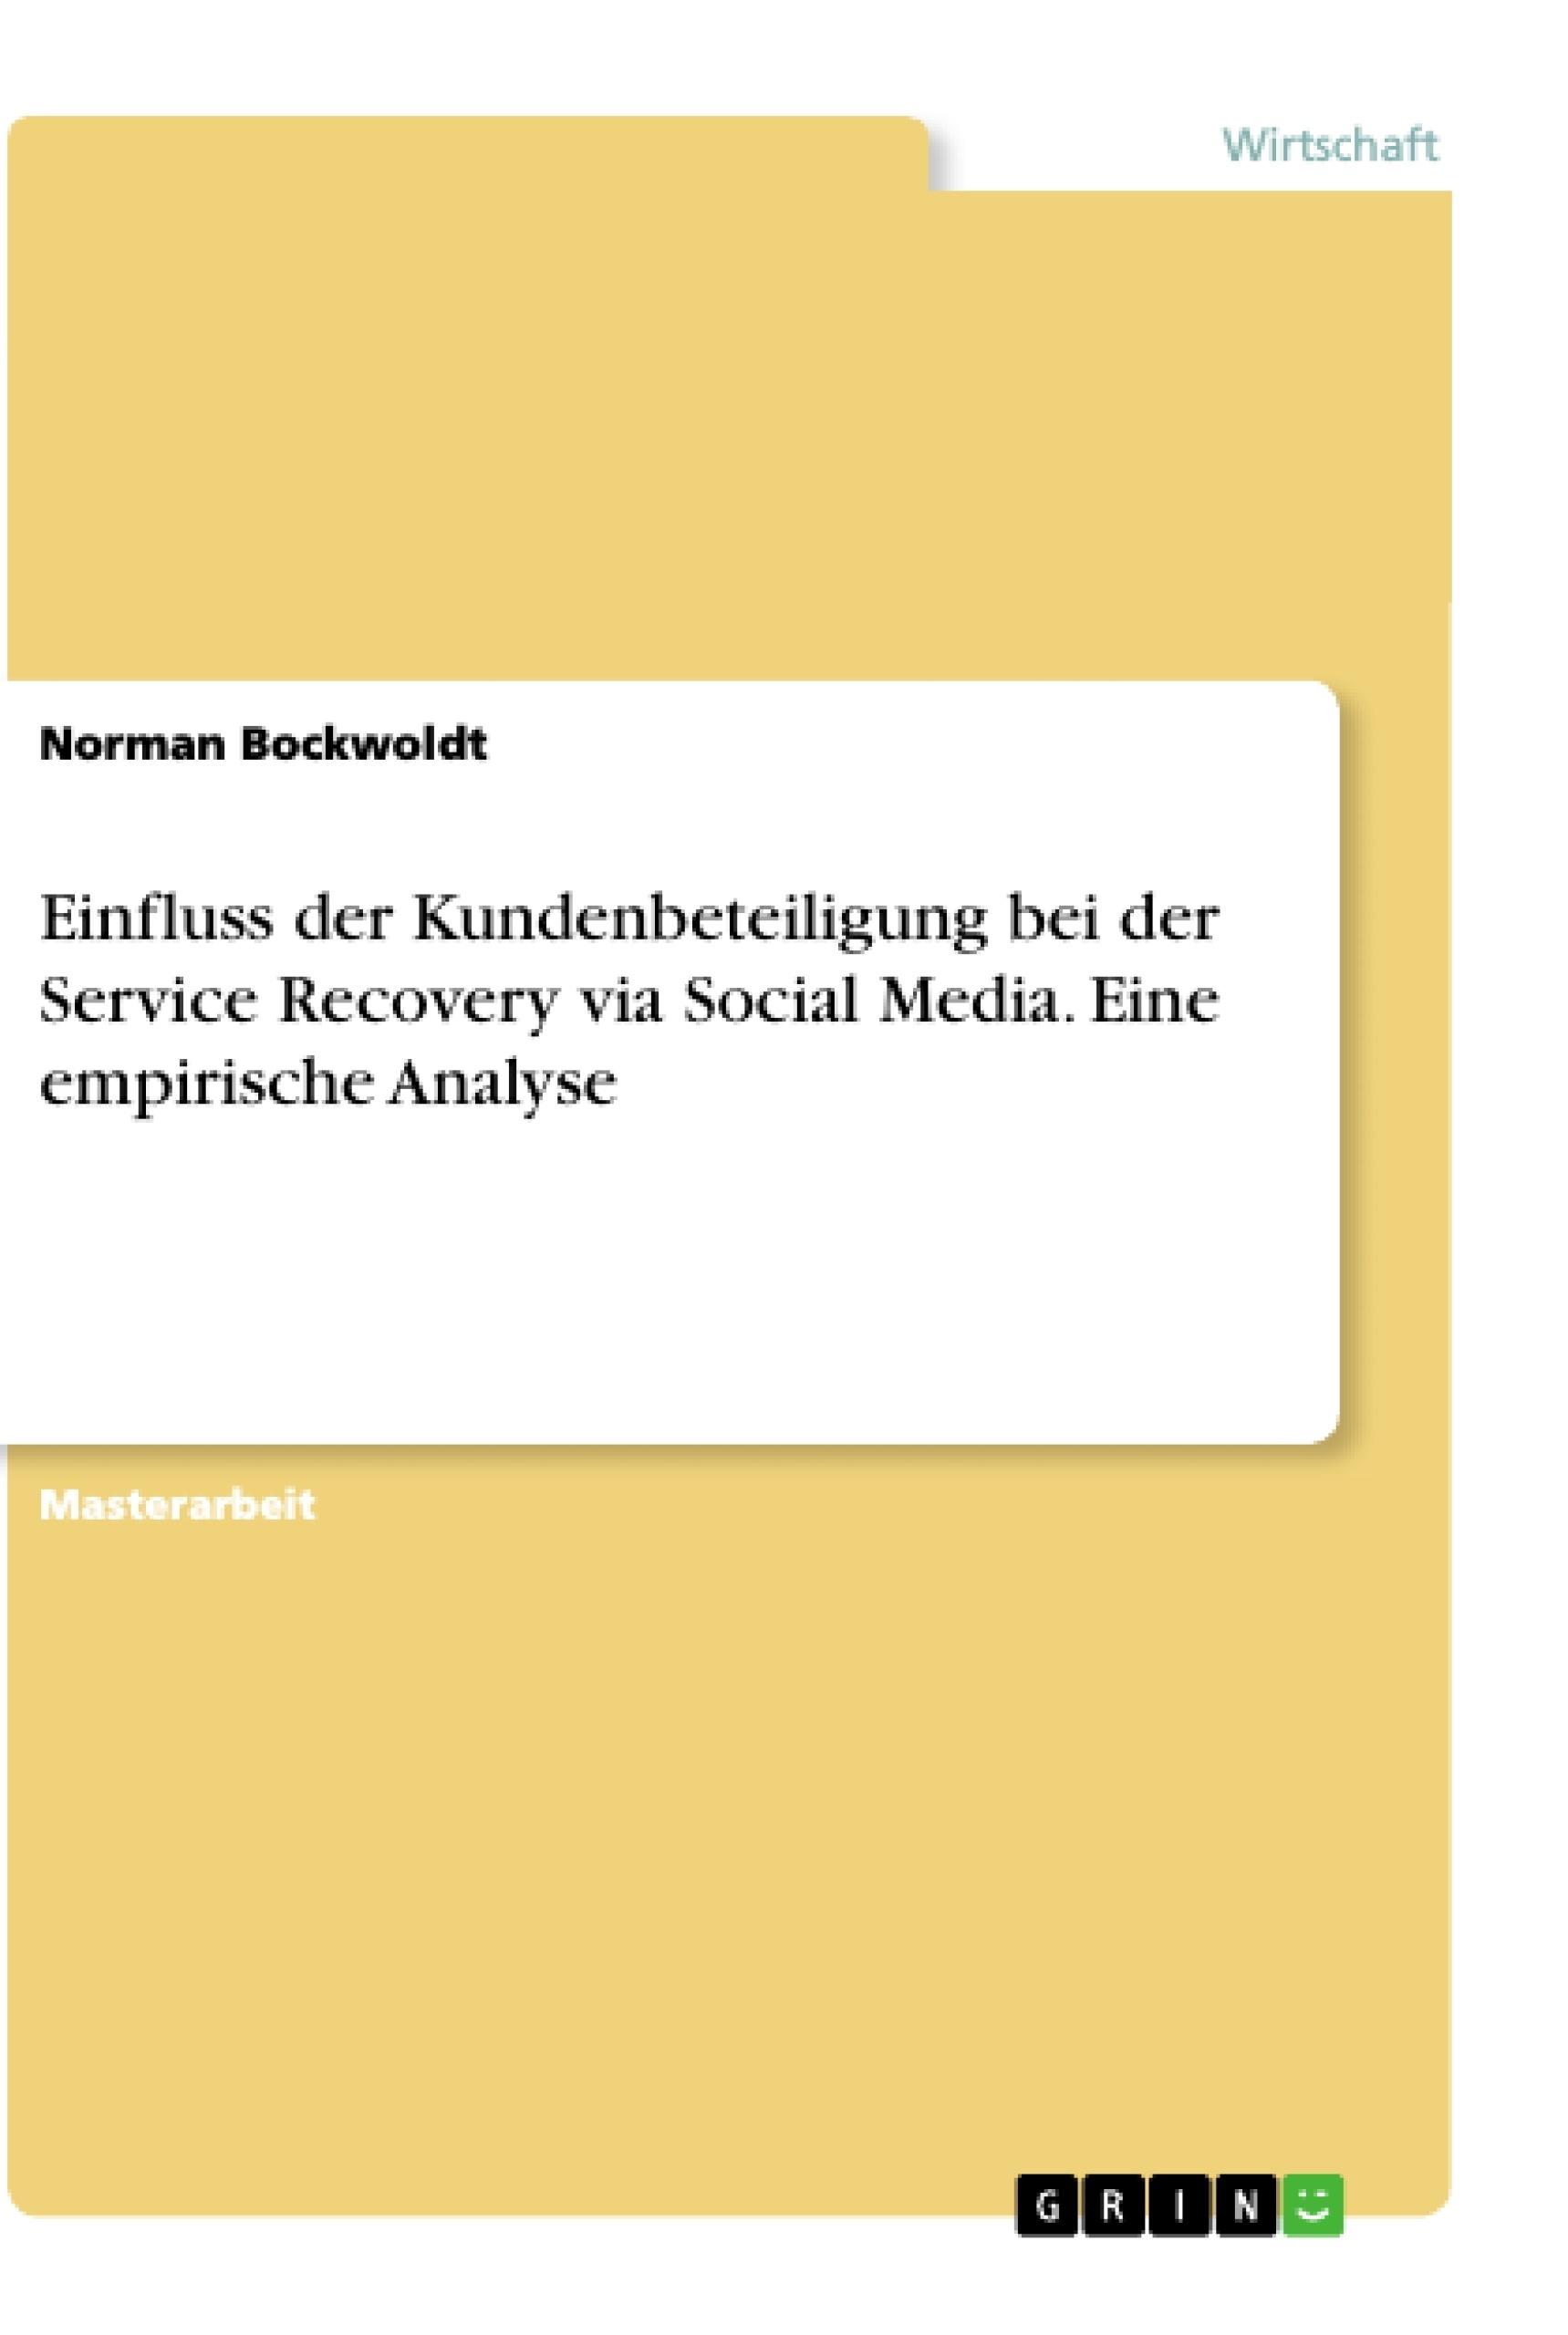 Titel: Einfluss der Kundenbeteiligung bei der Service Recovery via Social Media. Eine empirische Analyse